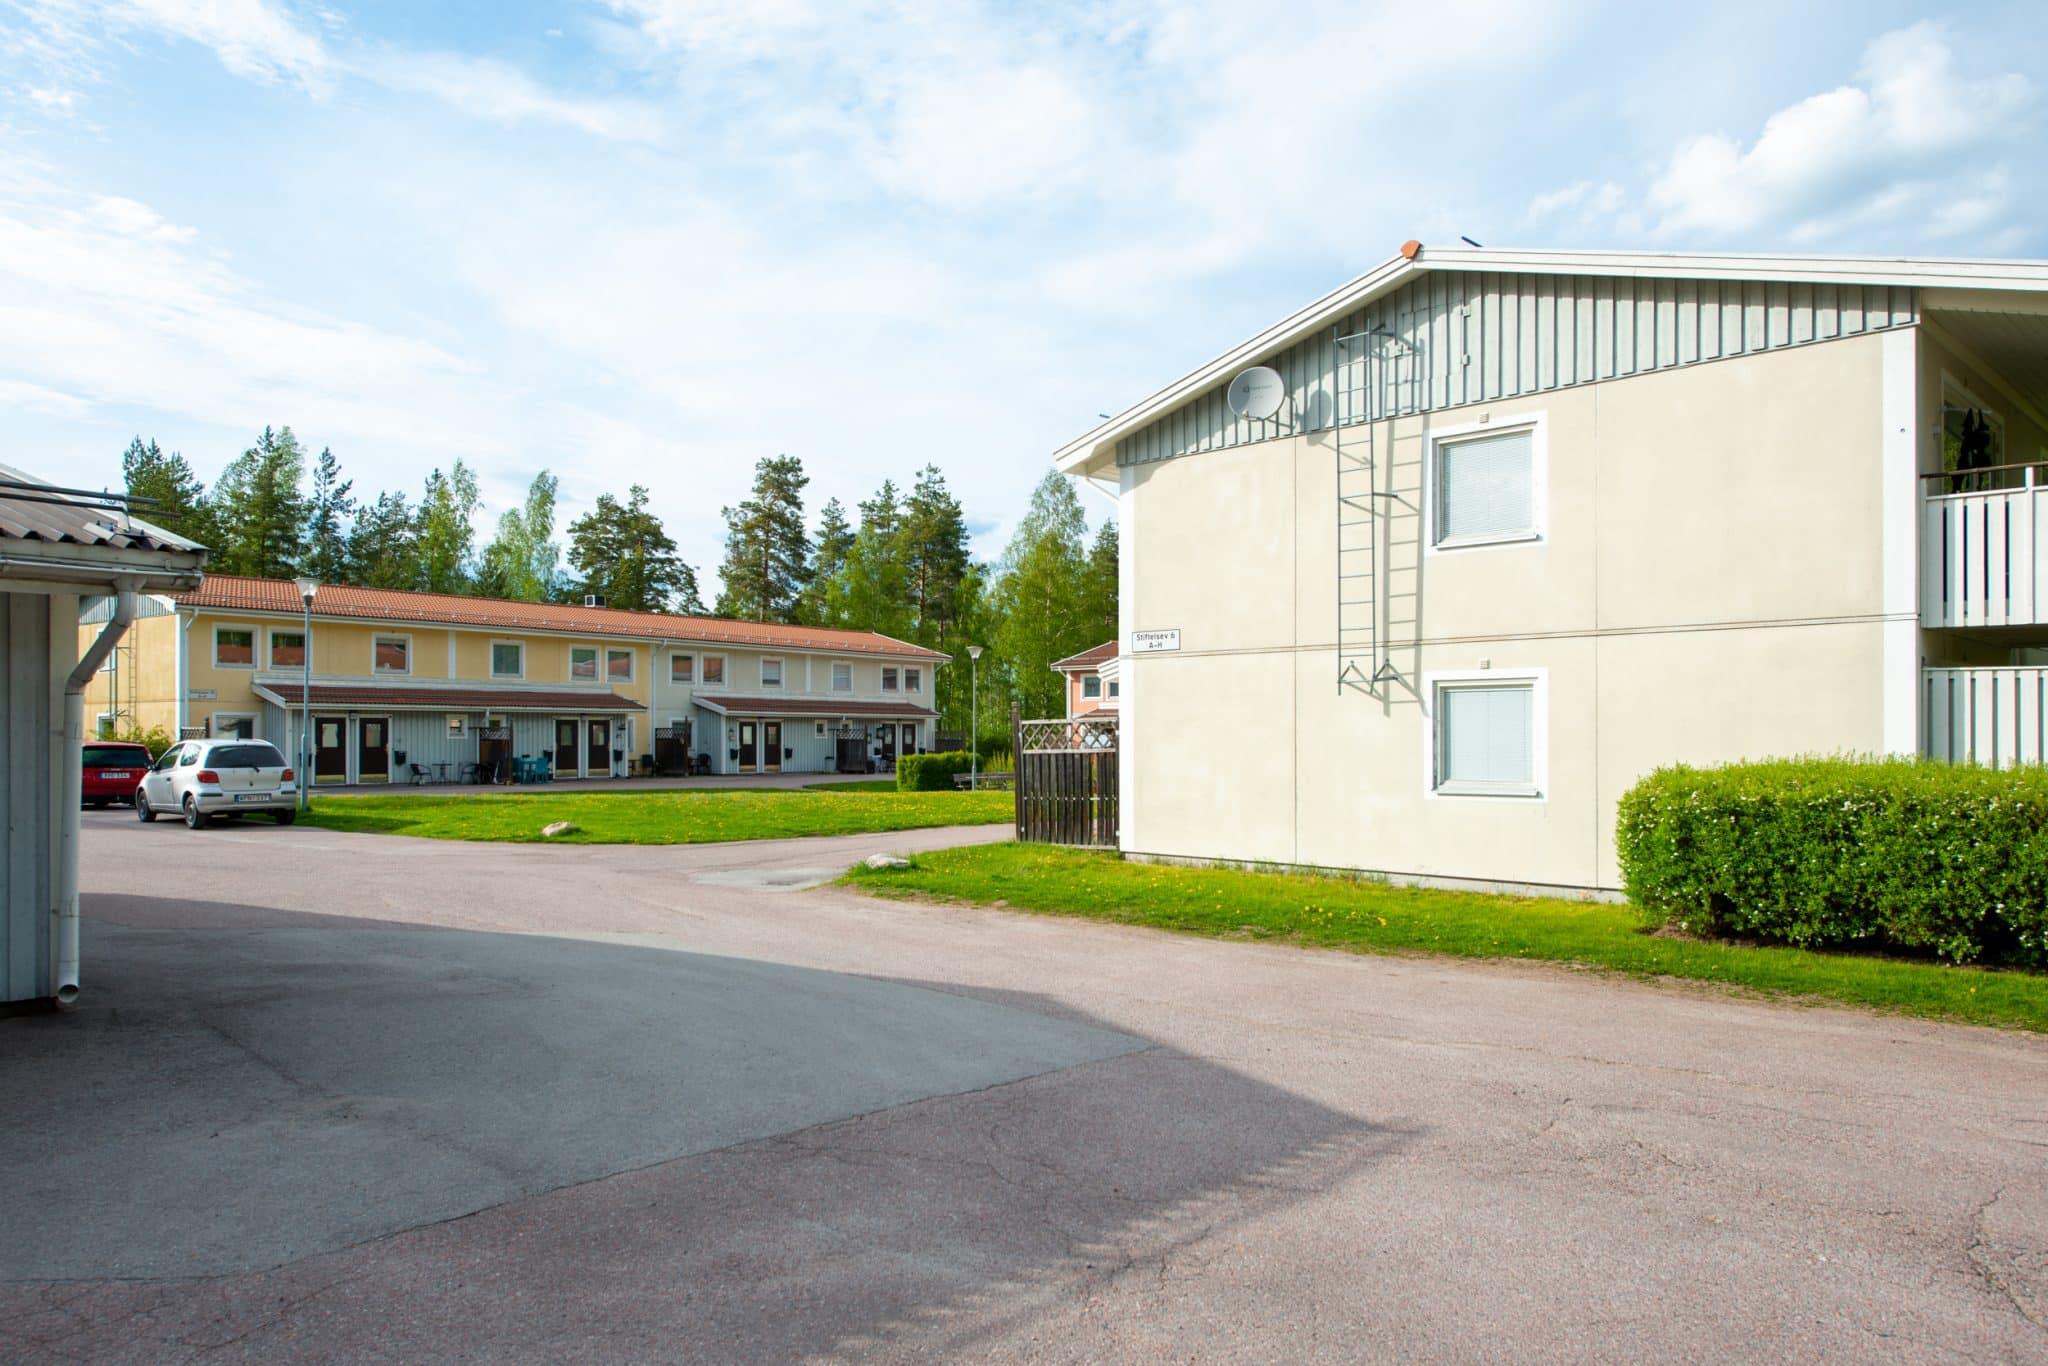 Bostadsområden, Säterbostäder, Gustafs